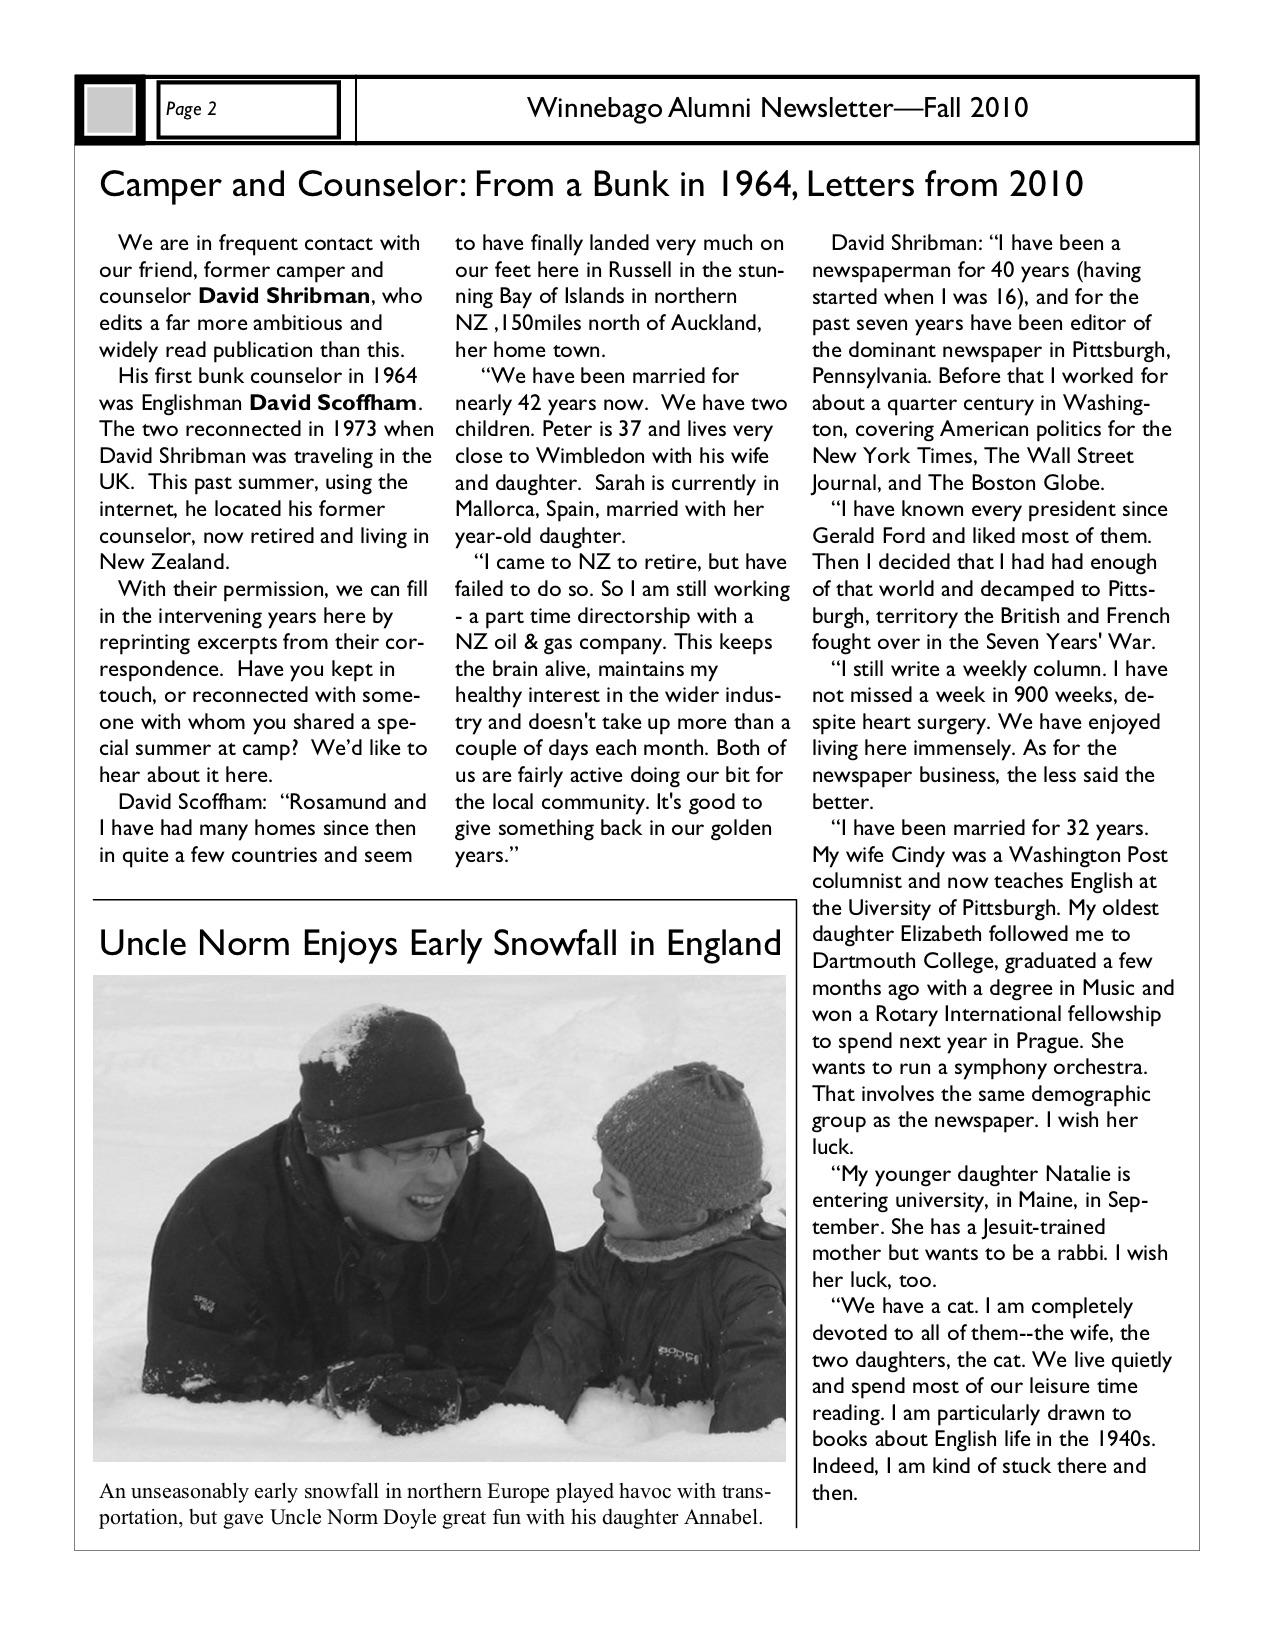 2010 Fall Newsletter 2.jpg